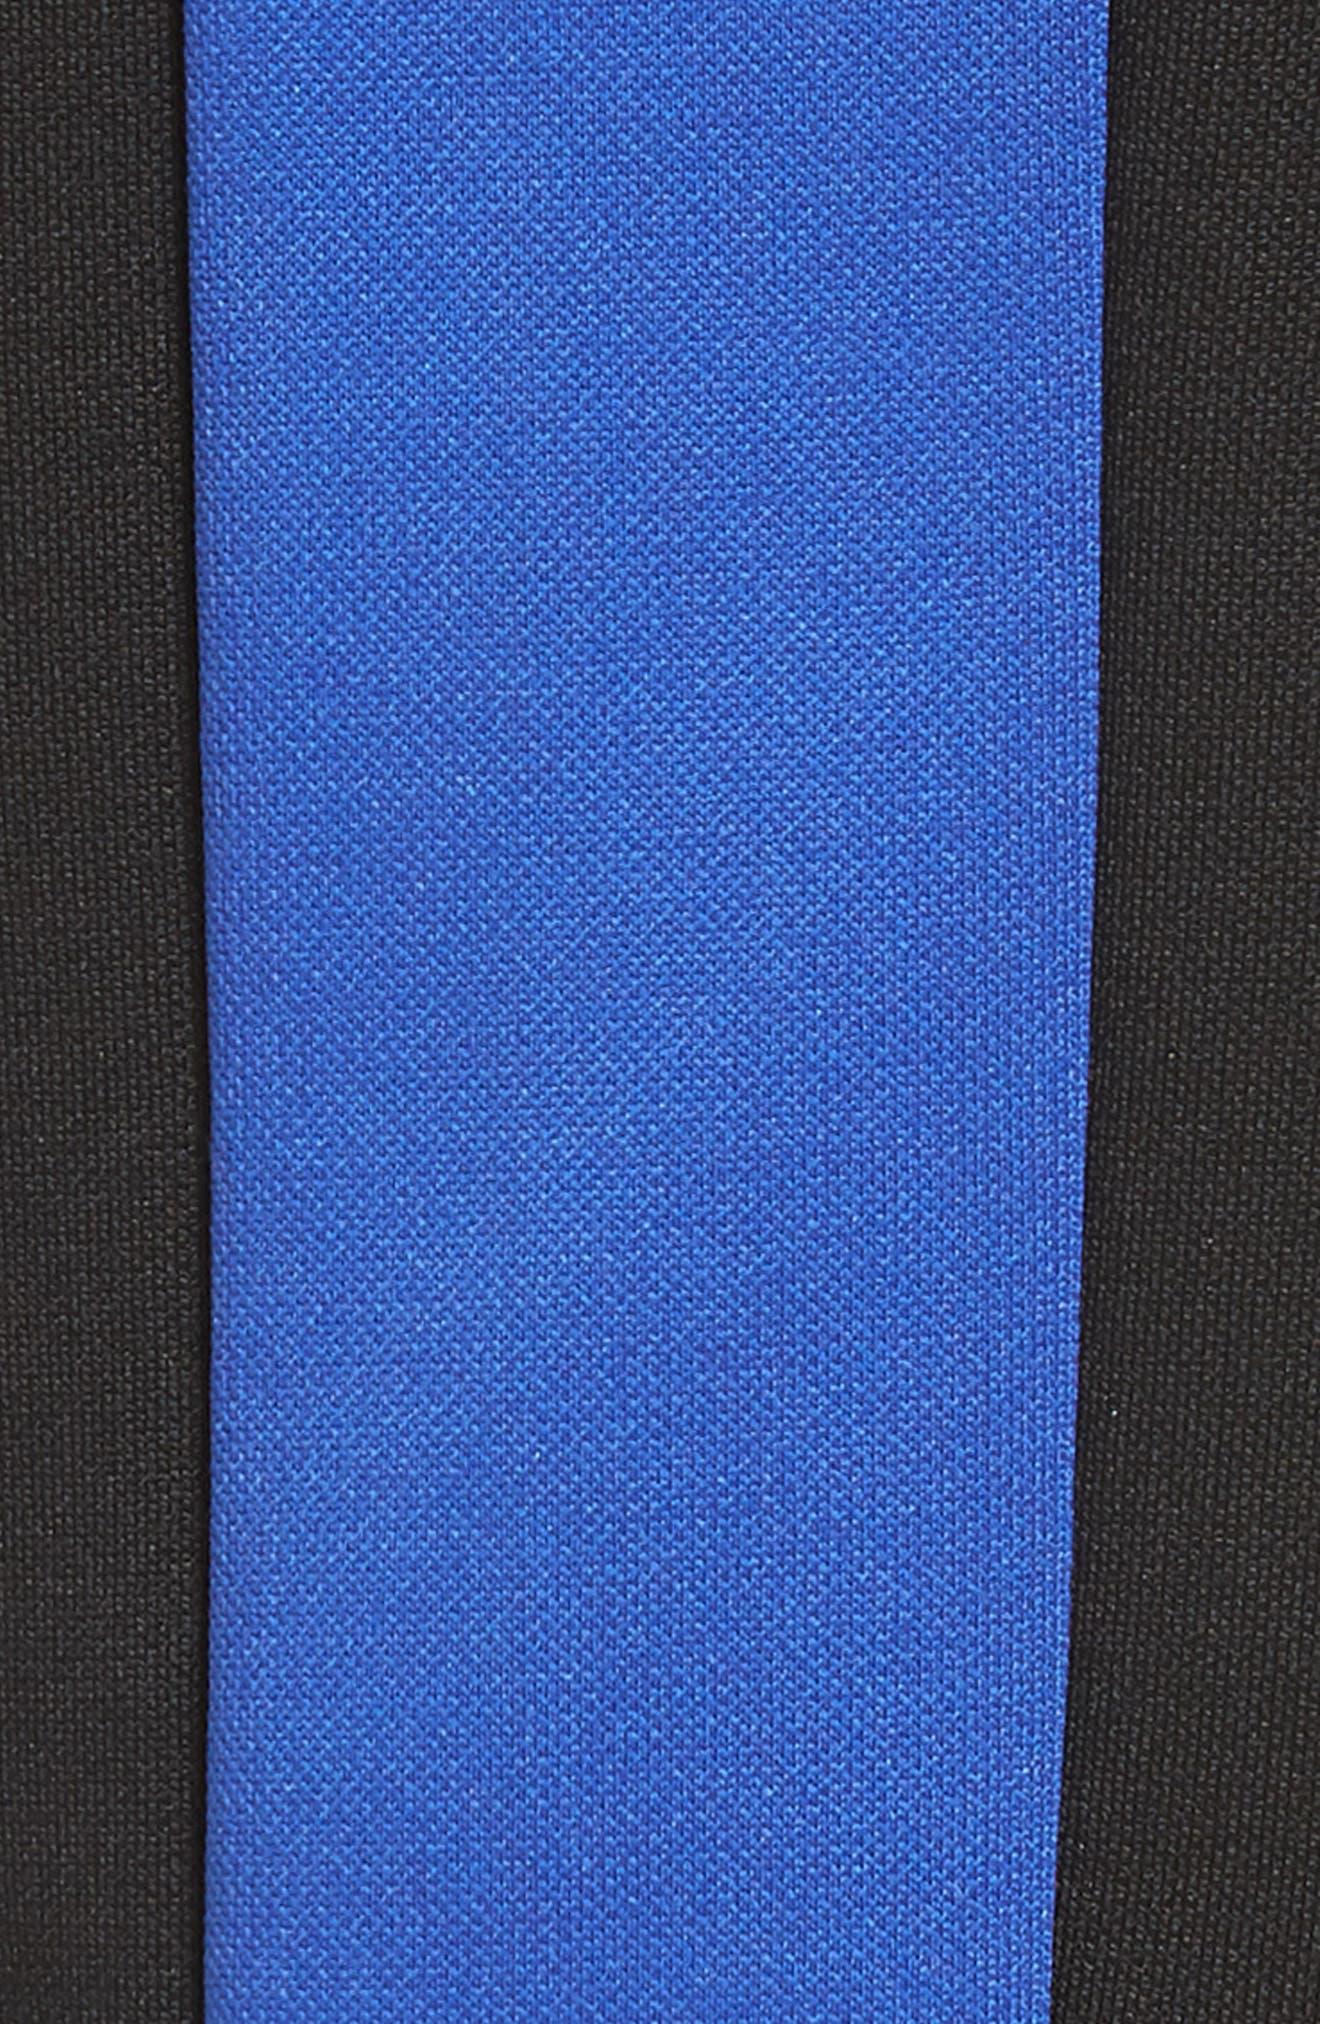 Stripe Shorts,                             Alternate thumbnail 5, color,                             Blue/ White/ Black